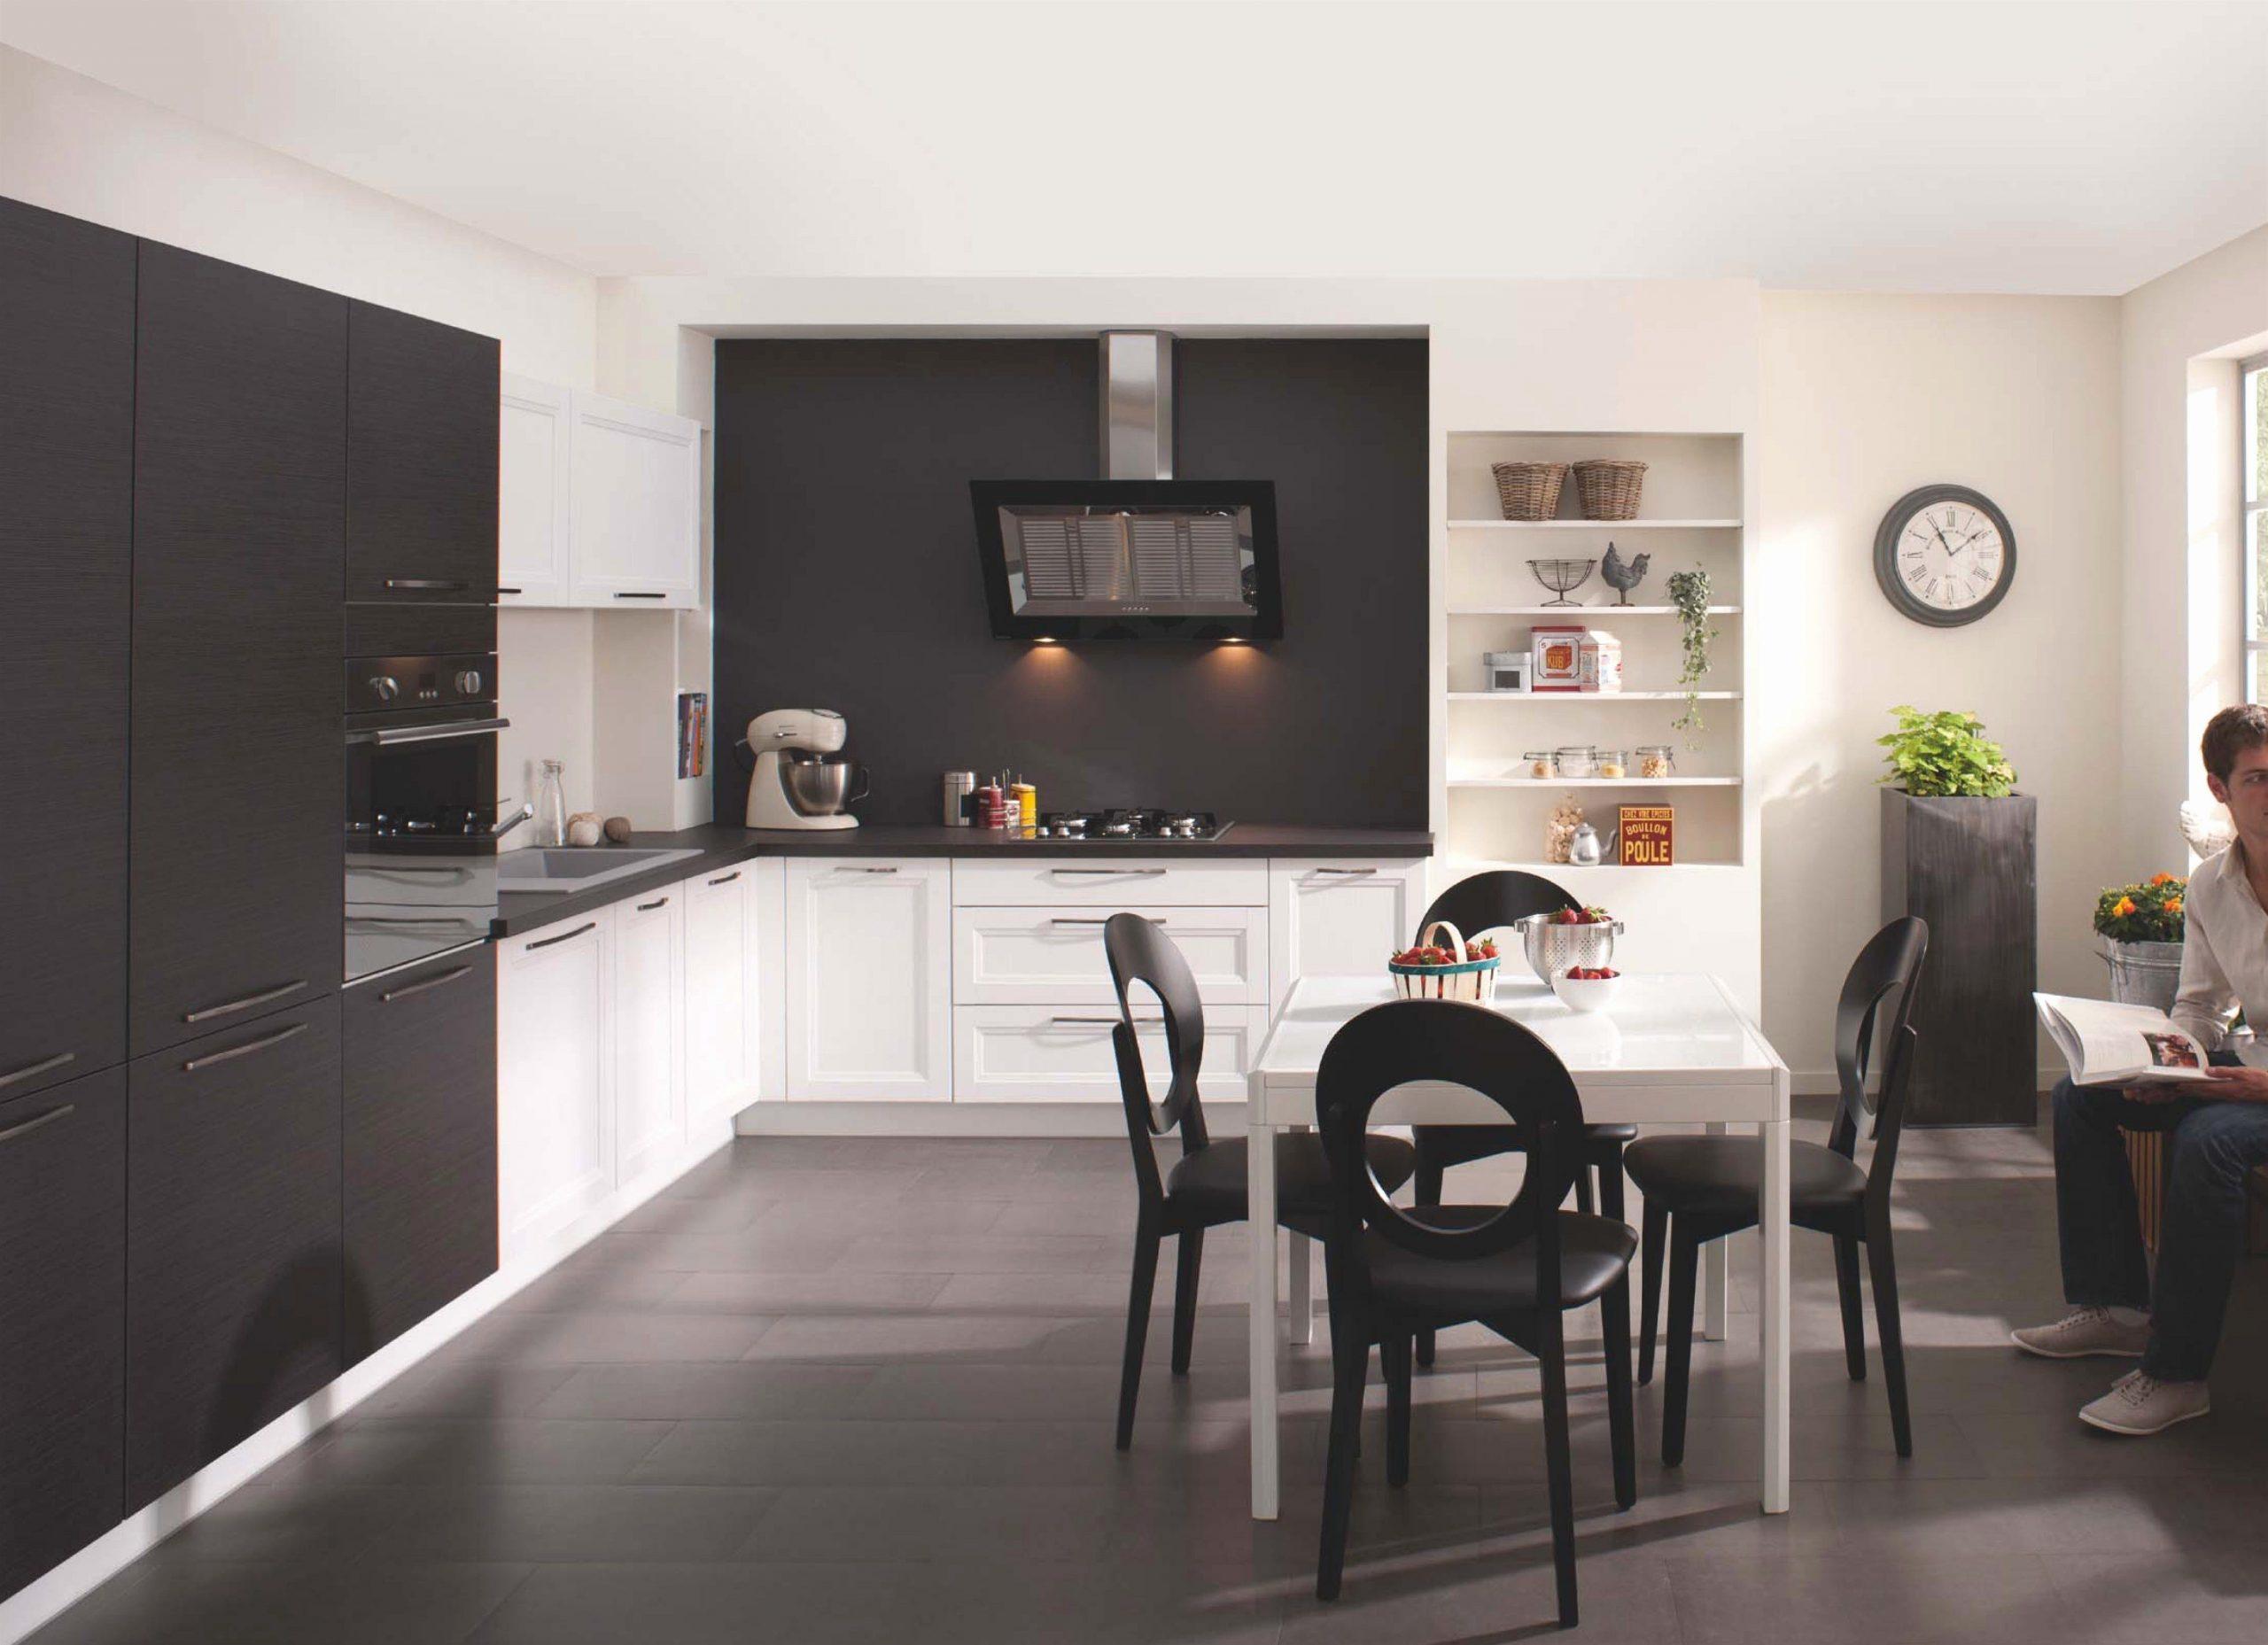 Cuisine Ouverte Salon 30M2 | Open Kitchen, Kitchen, House Design à Cuisine Salon 30M2